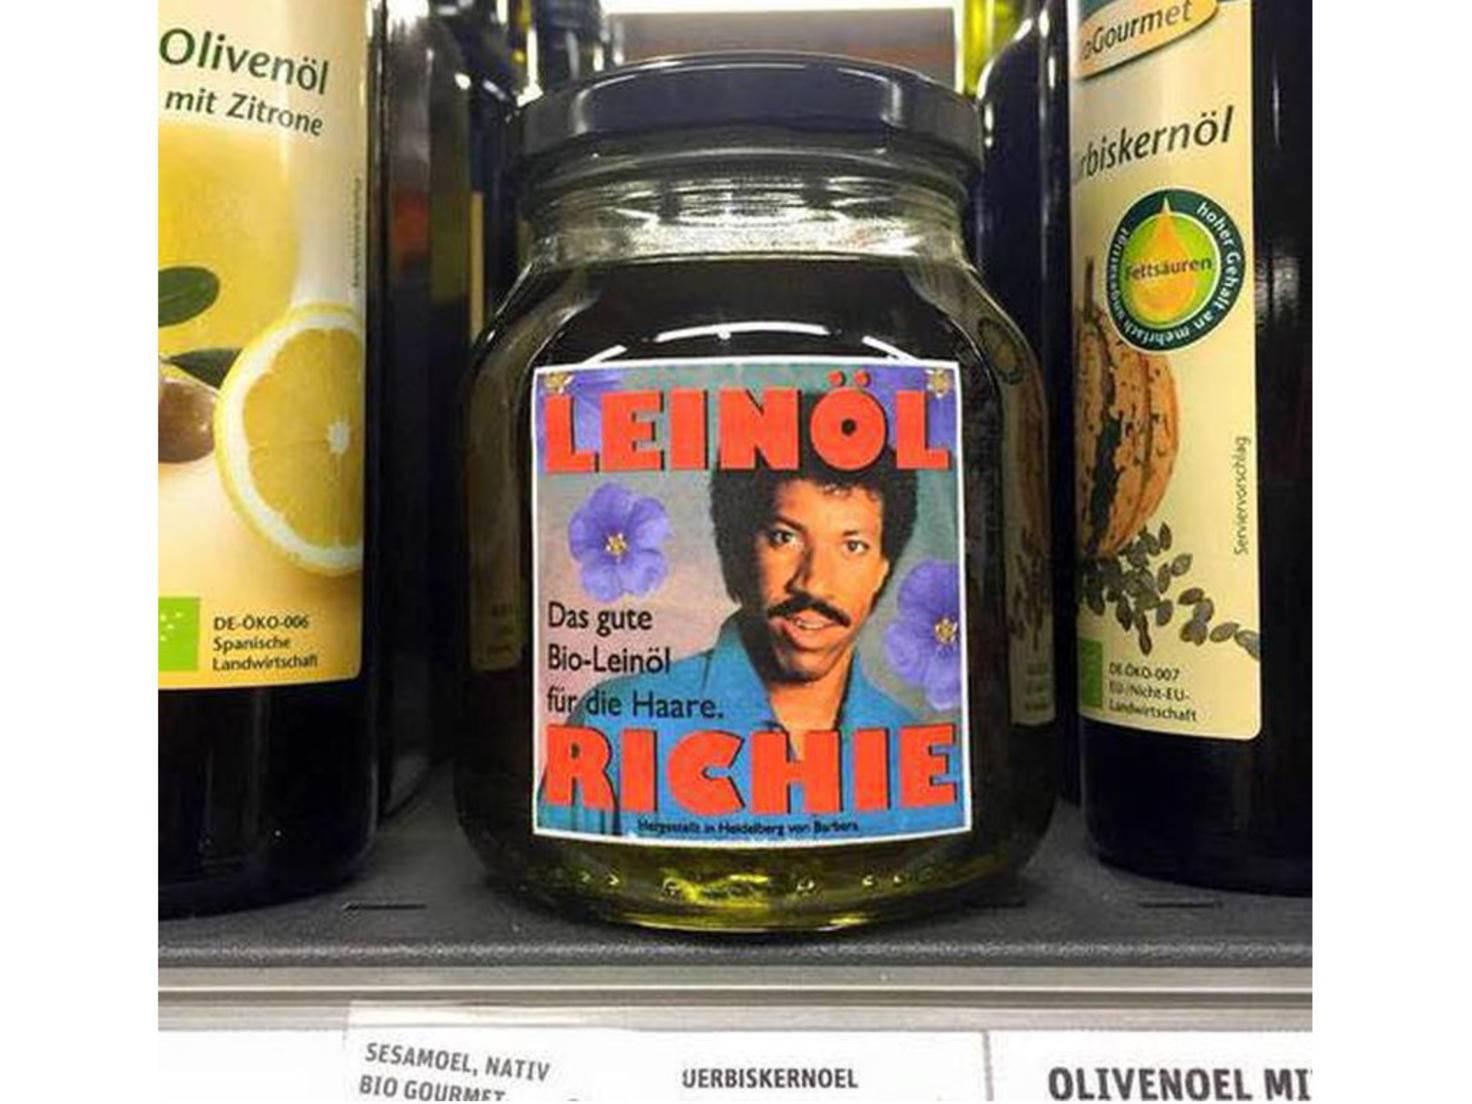 Das geht immer runter wie Leinöl Richie.